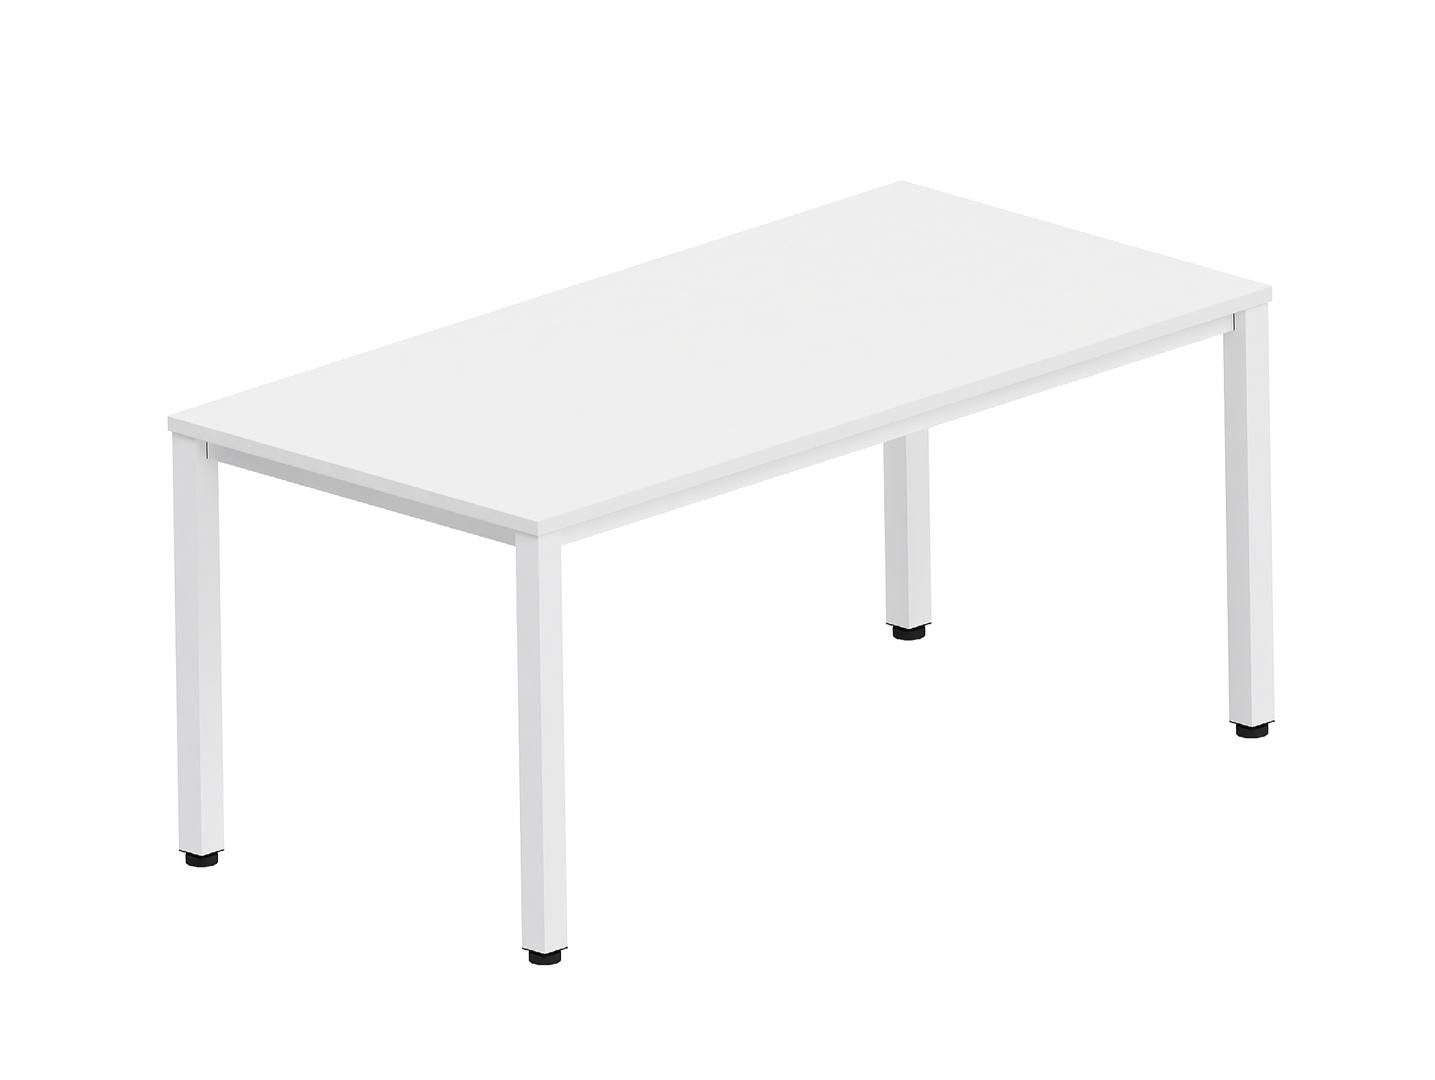 bureau simple blanc pas cher et individuel. Black Bedroom Furniture Sets. Home Design Ideas